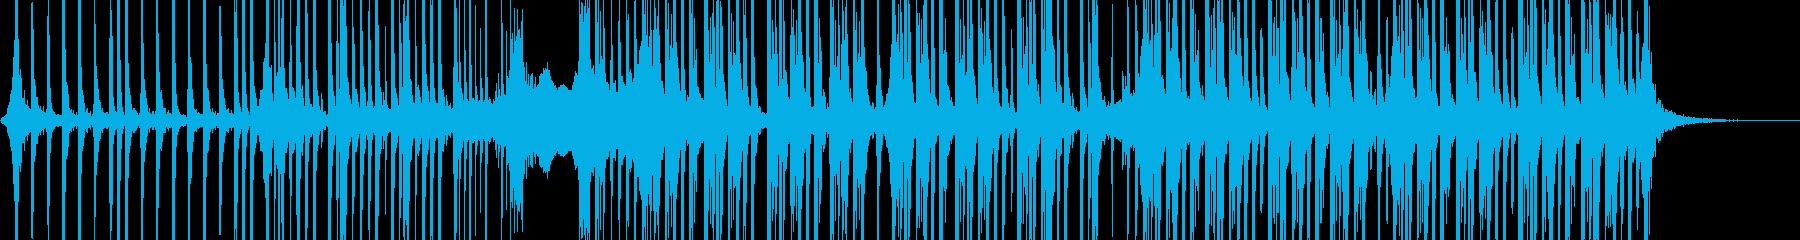 コーポレート 野生 燃焼 パーカッションの再生済みの波形